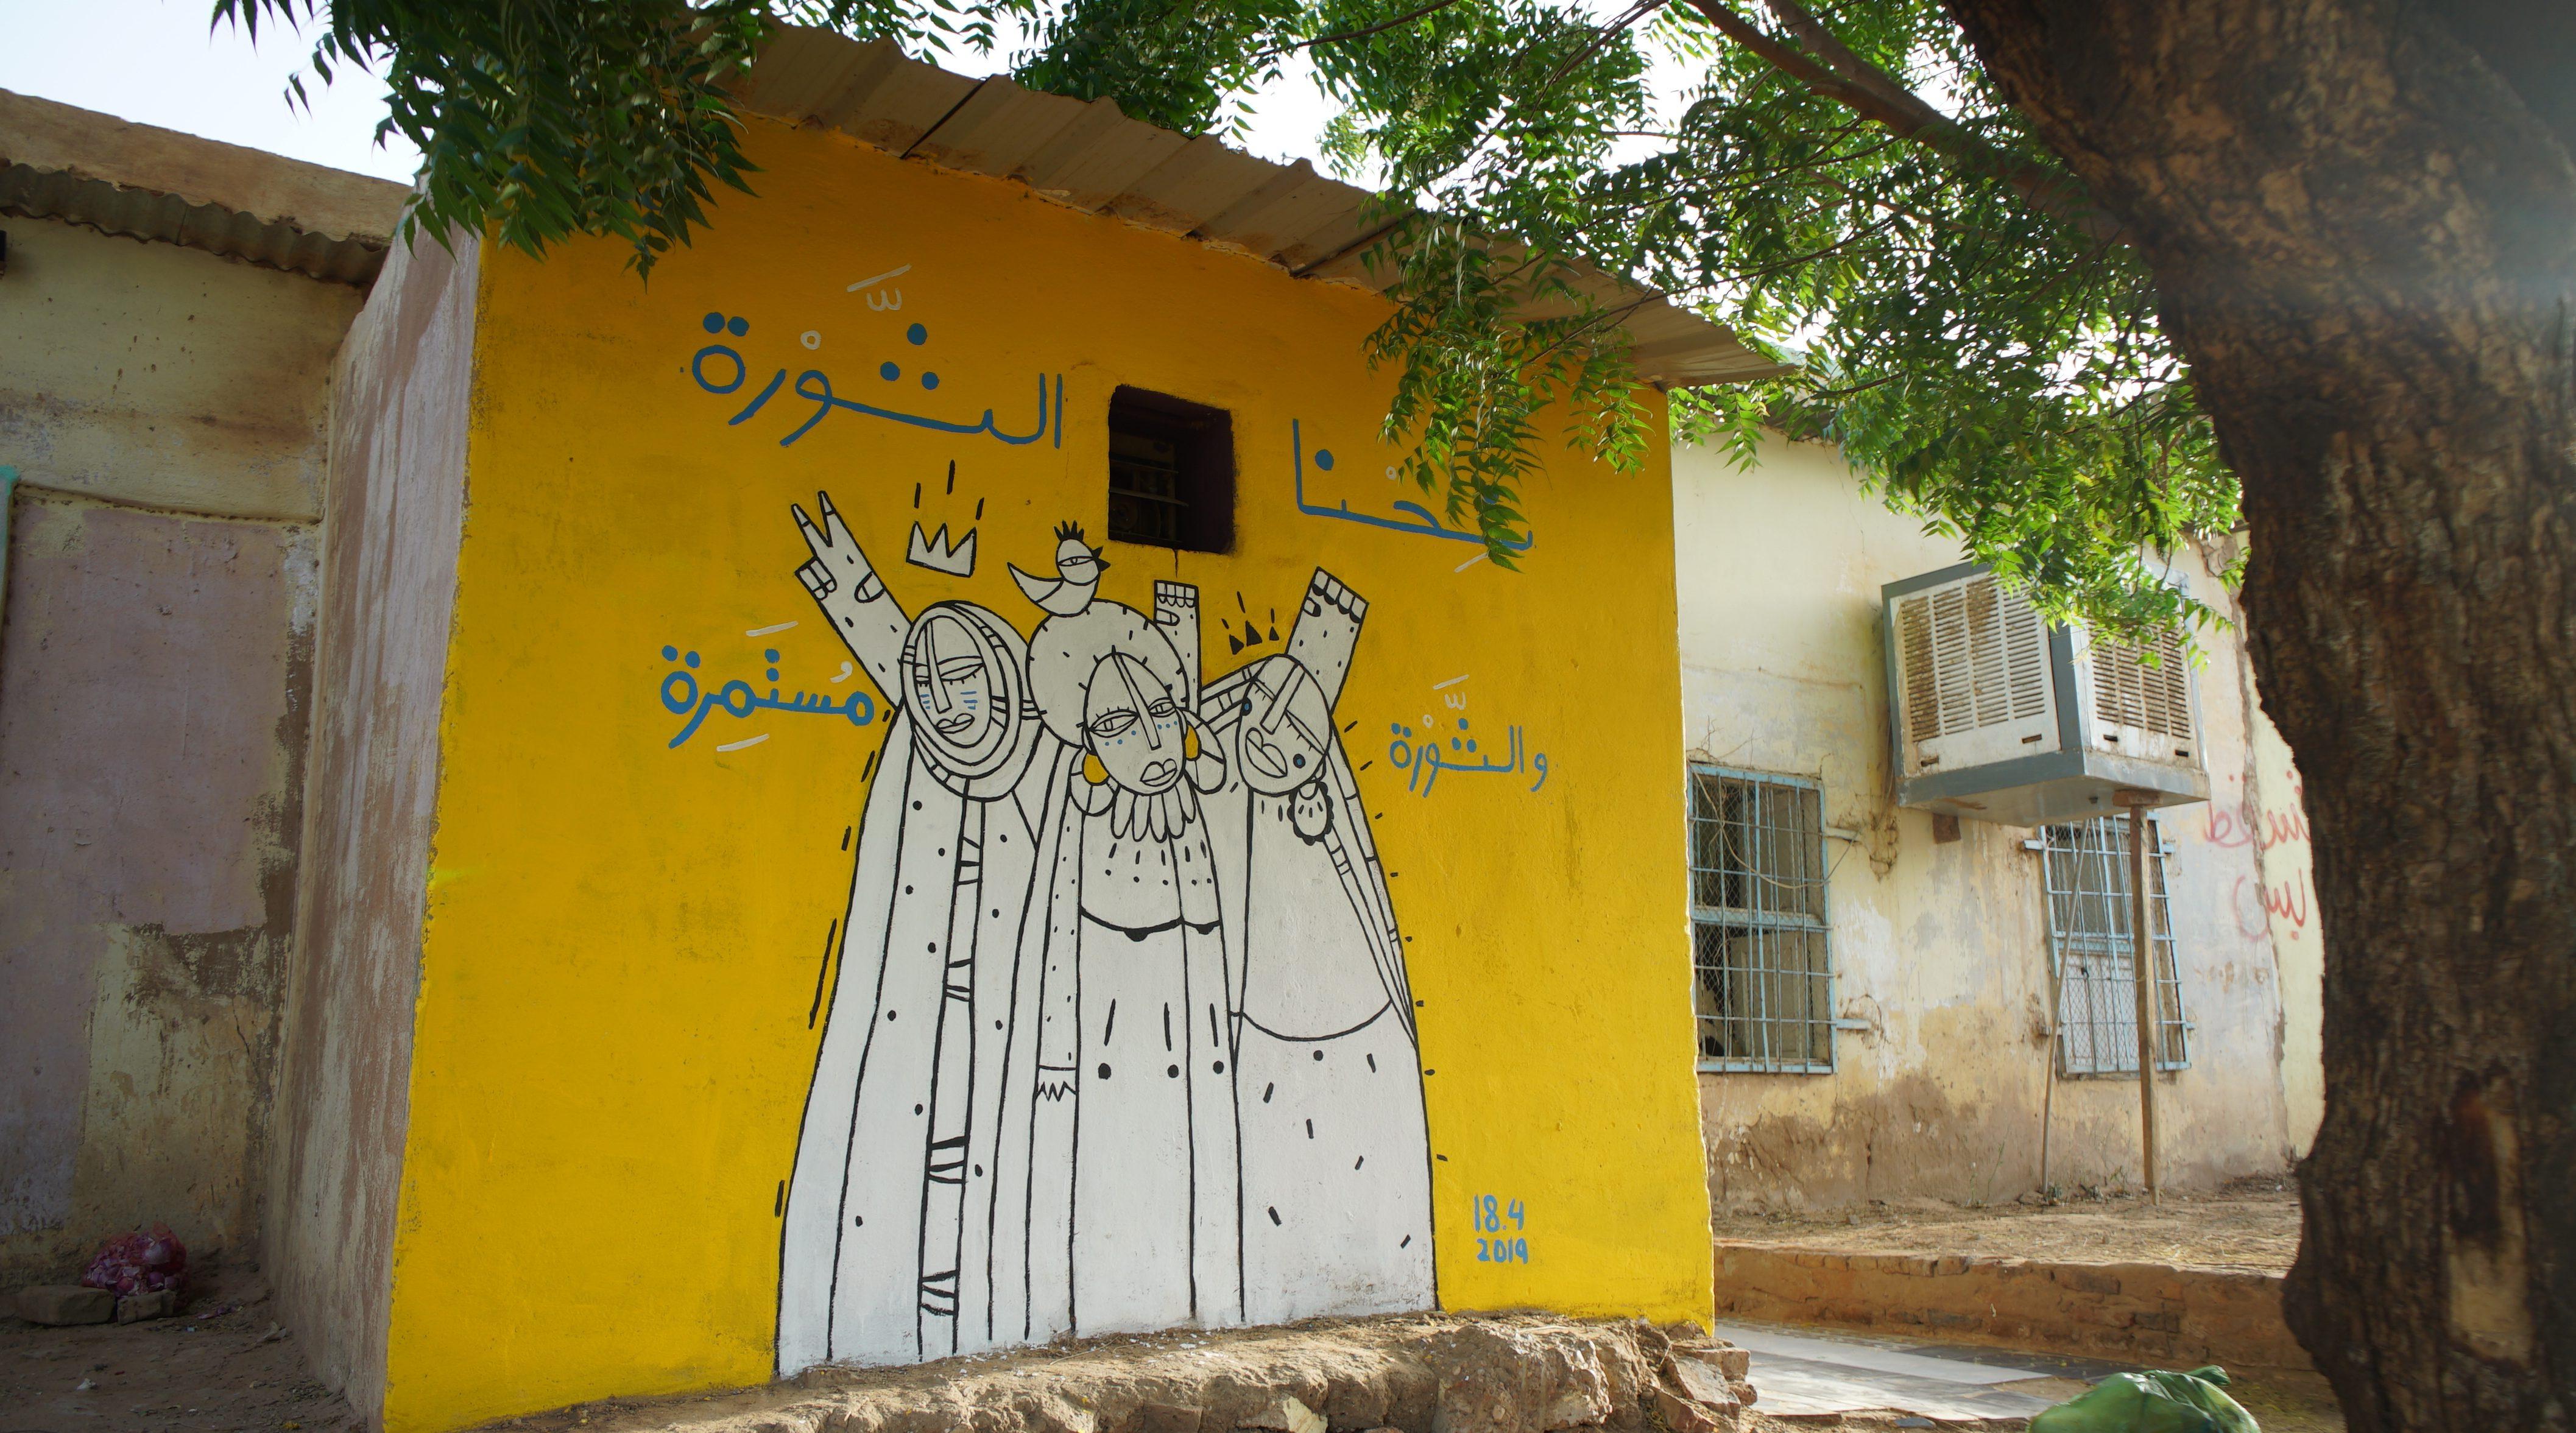 Sudan protest artwork